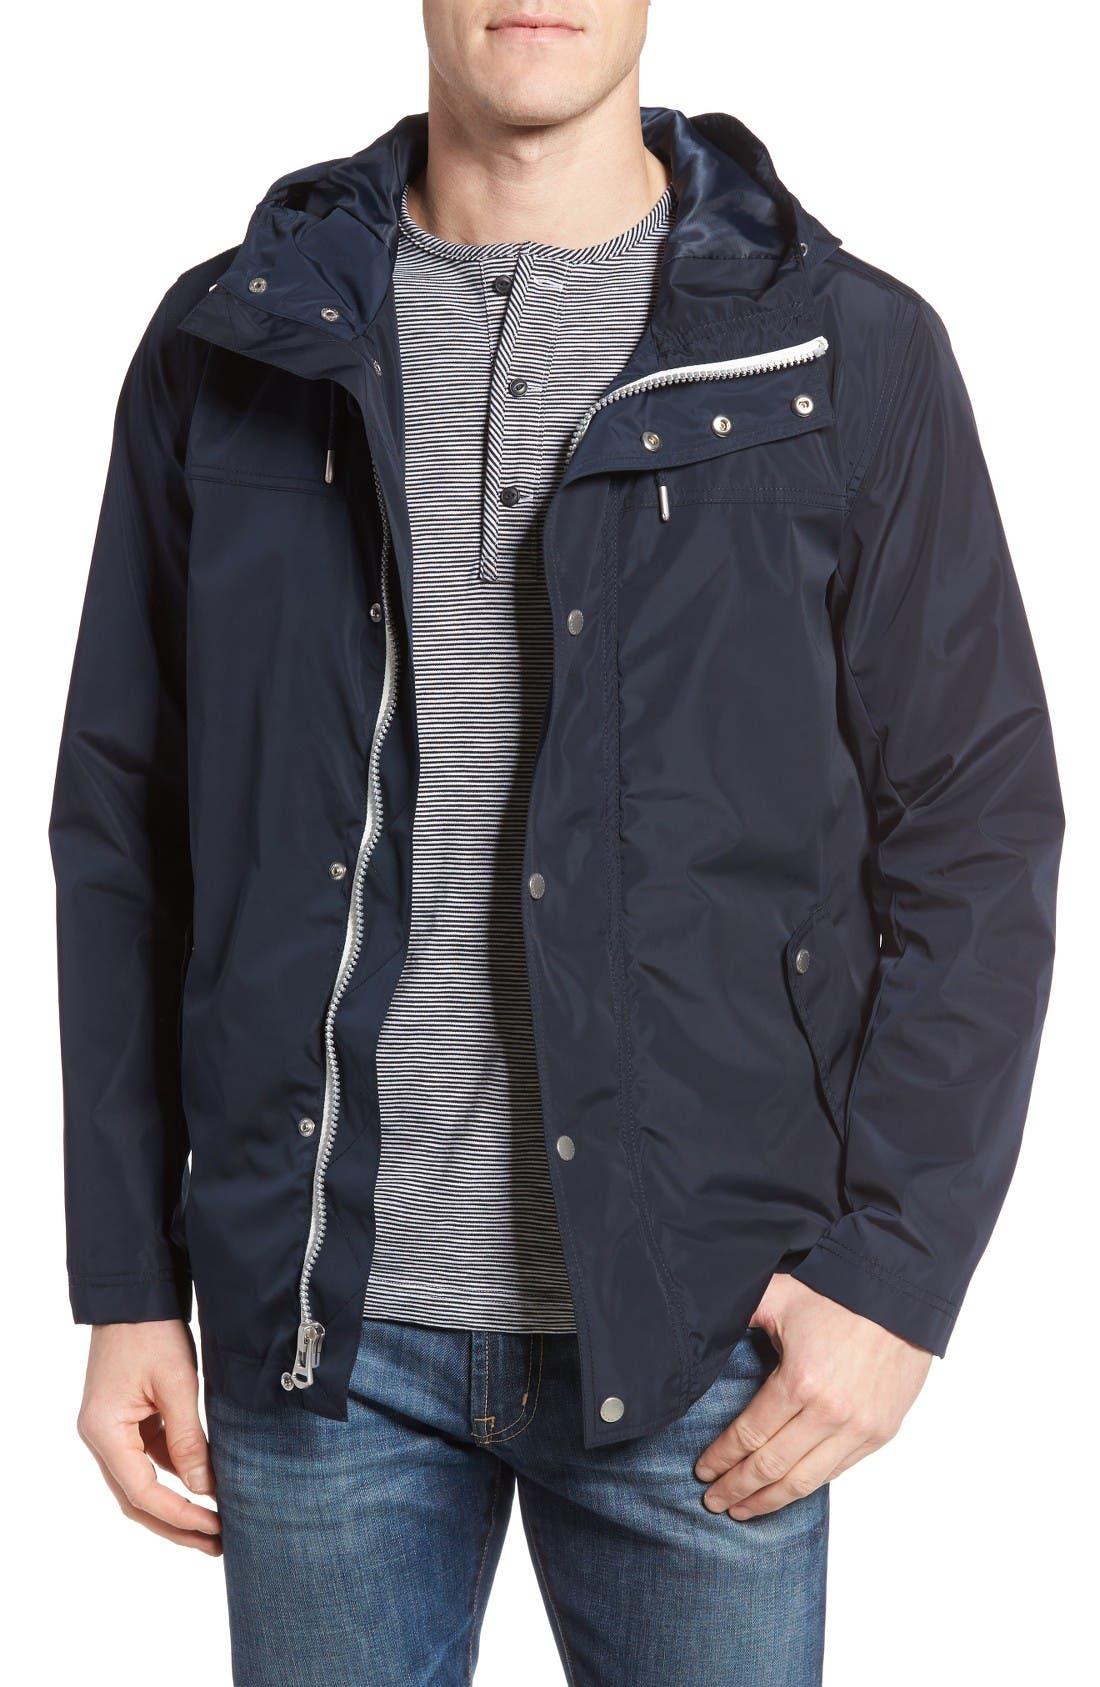 Alternate Image 1 Selected - Cole Haan Packable Hooded Rain Jacket